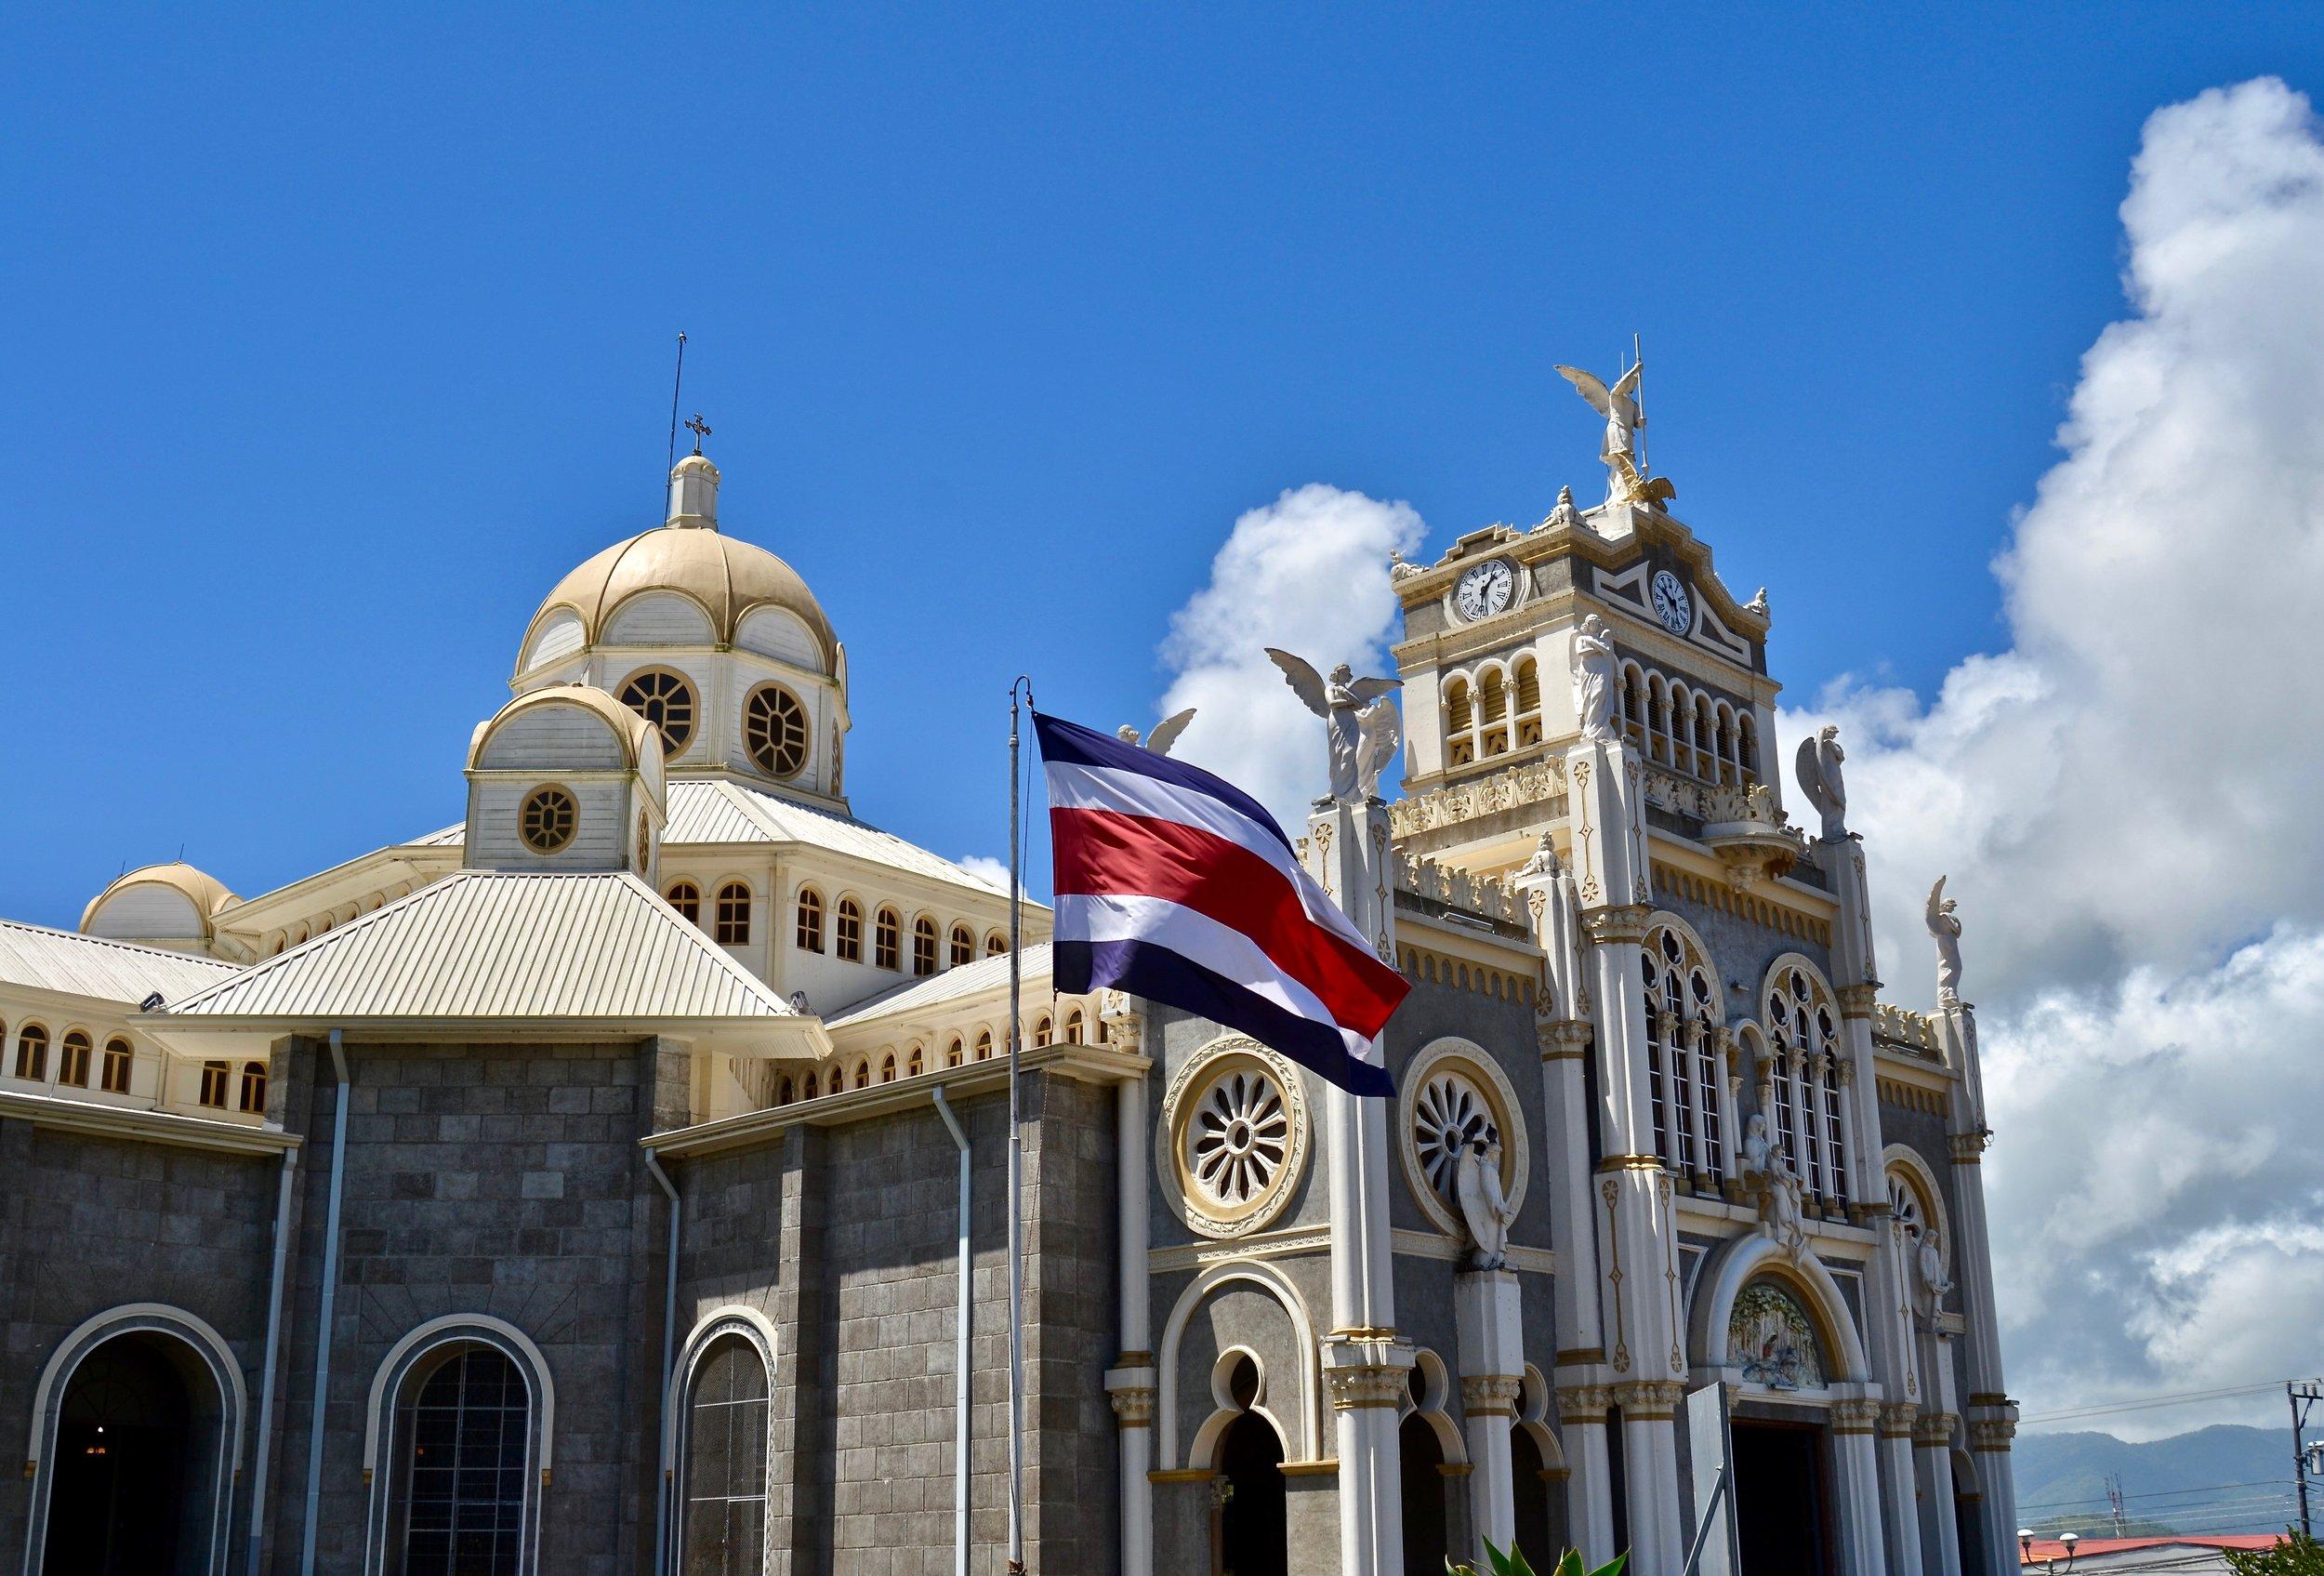 Basilica de Nuestra Señora de los Ángeles in Cartago, Costa Rica